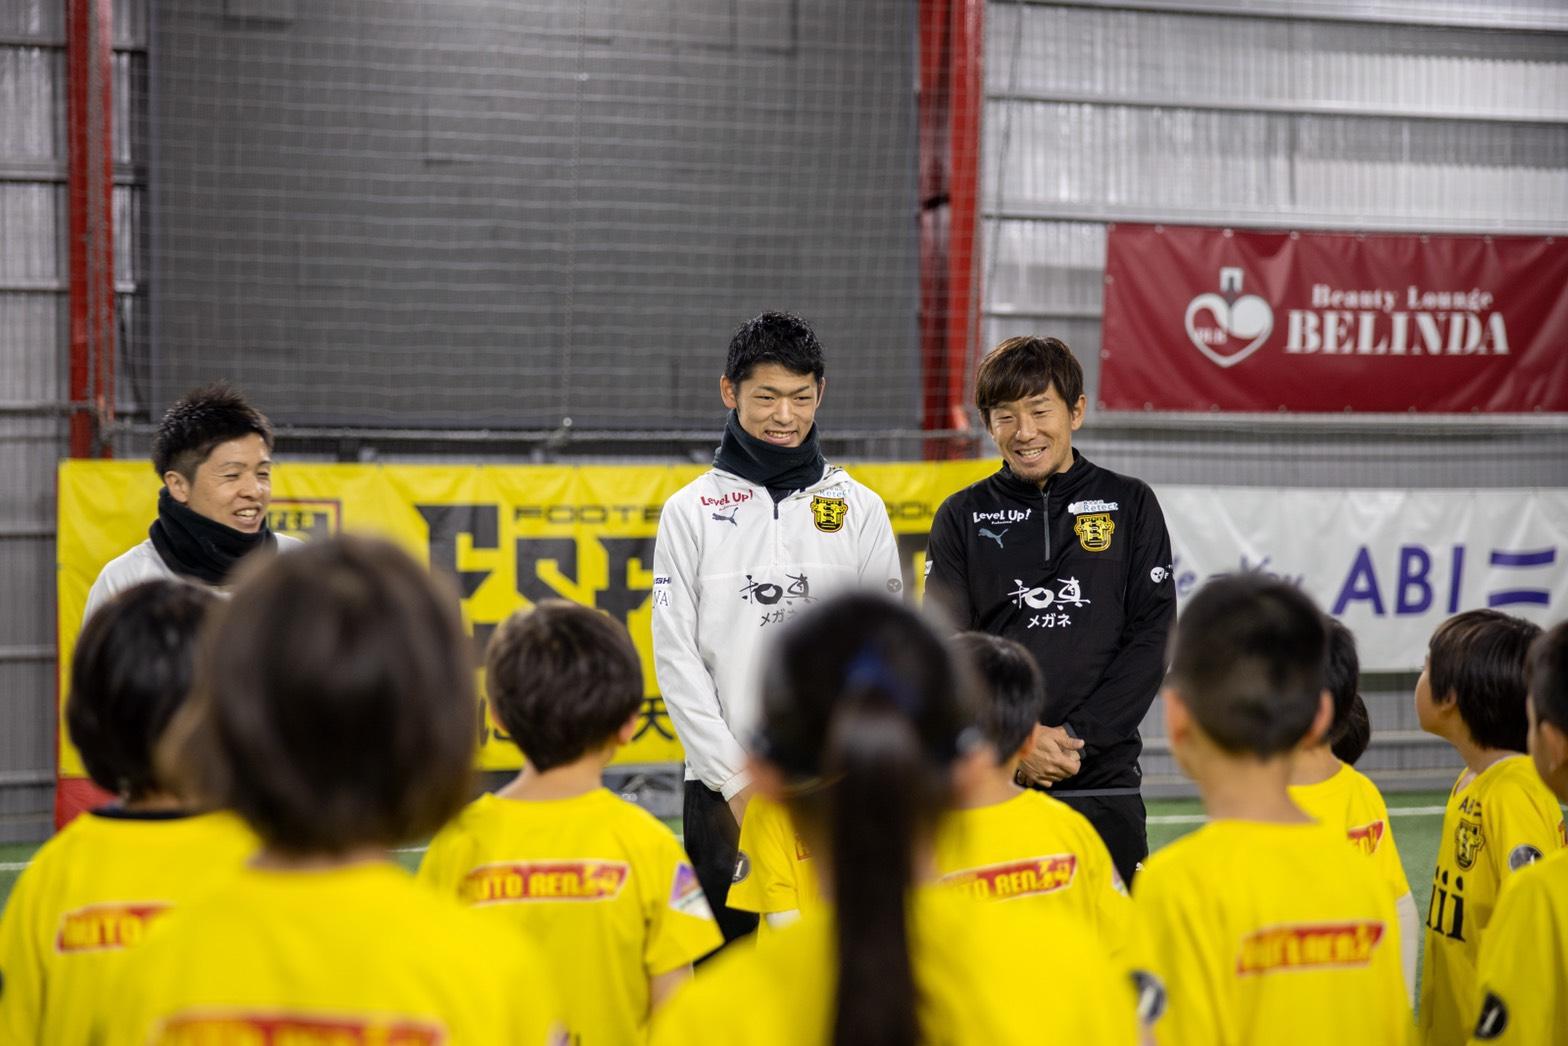 当スクールでは、スポーツと礼儀は密接な関係にあると考えており、 低学年ではピッチの外でも礼儀、挨拶を元気よく!大きな声で、 出来る習慣を身につけていきます。